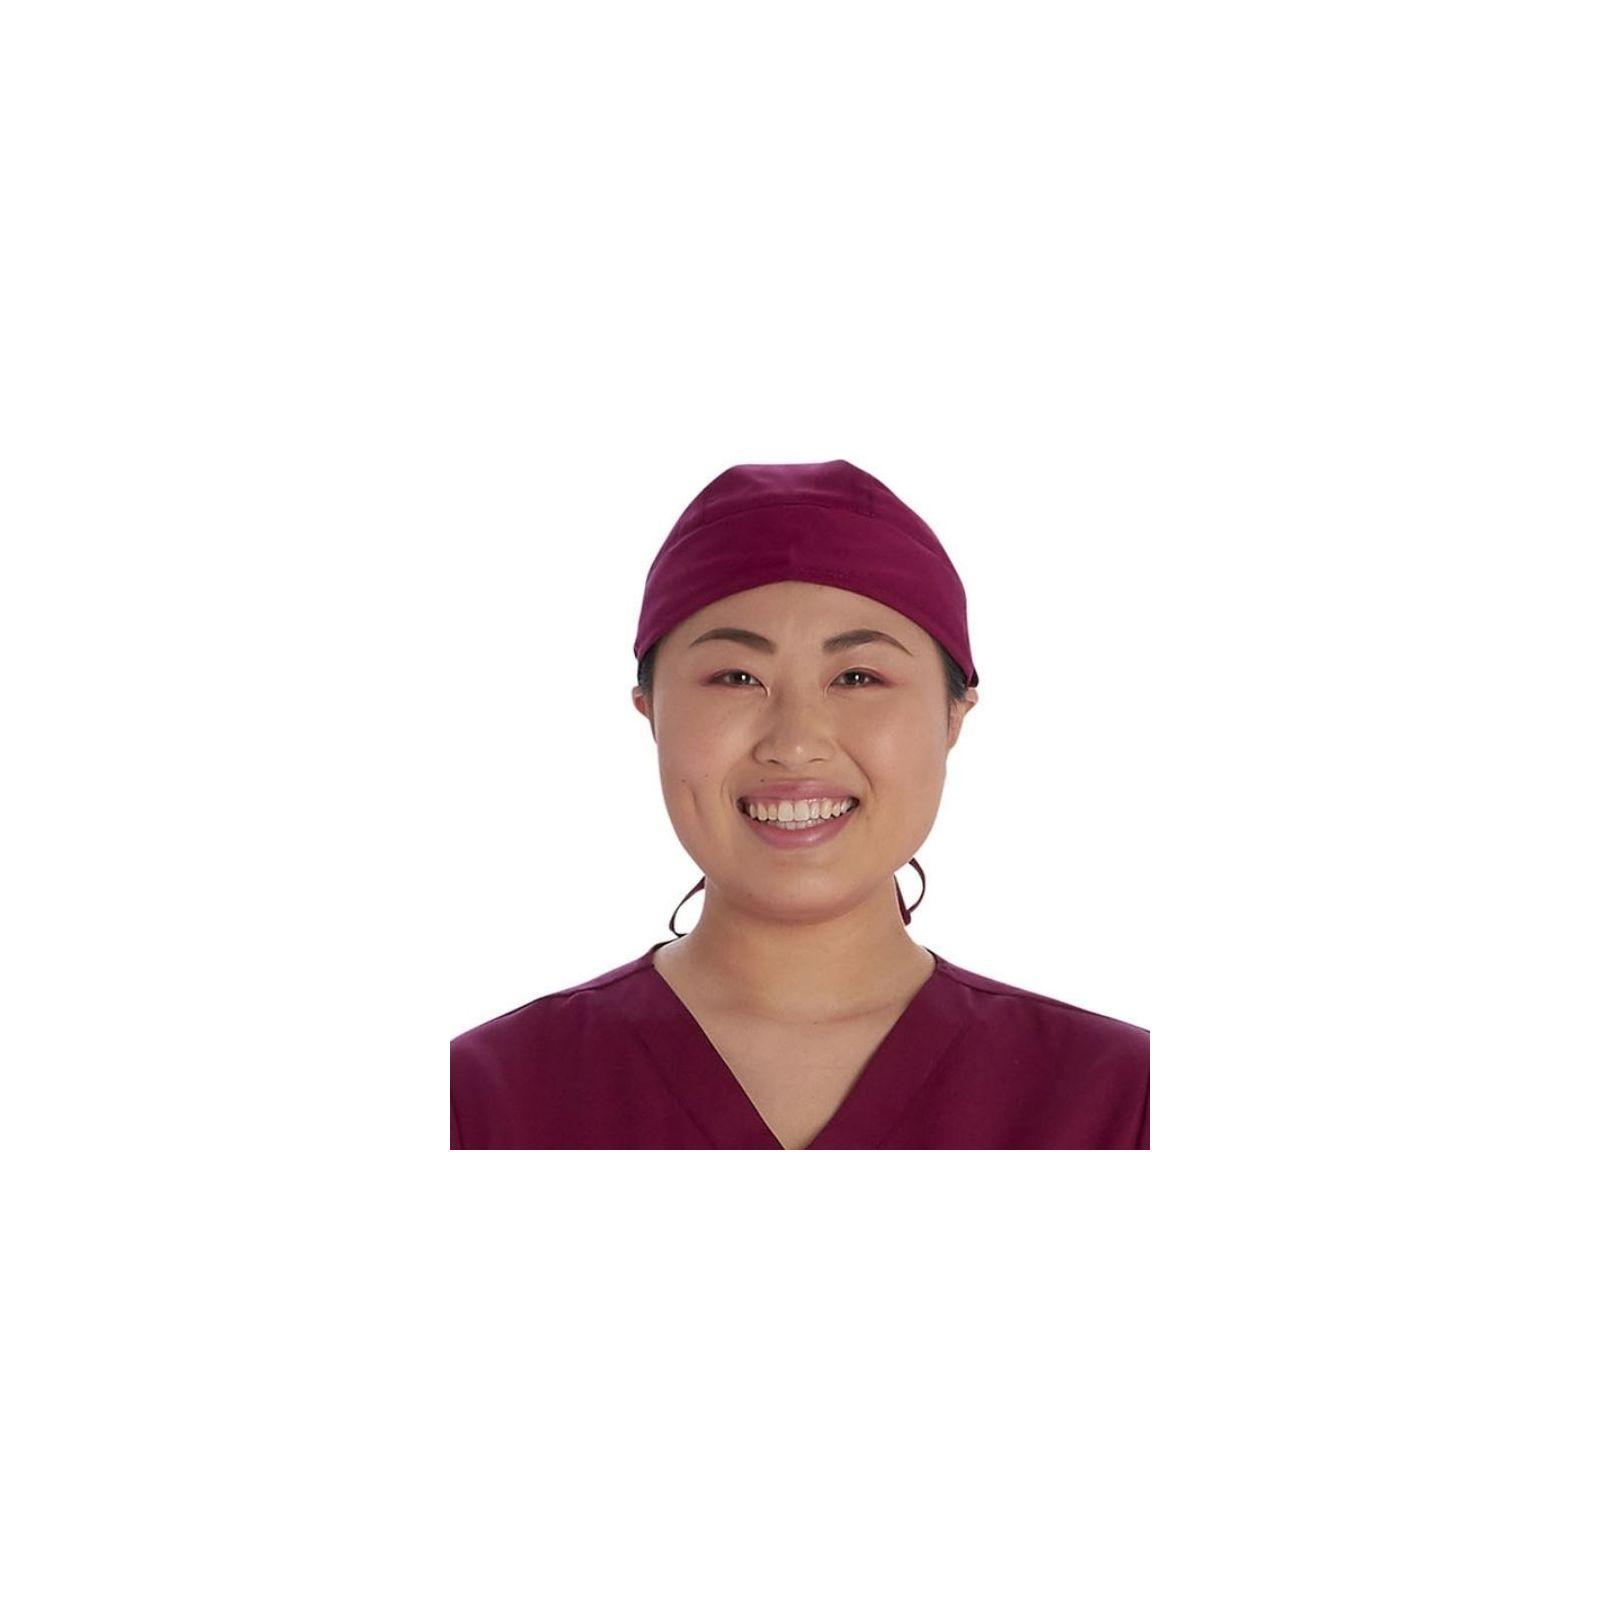 Calot médical Bordeaux (VT520WIN) face